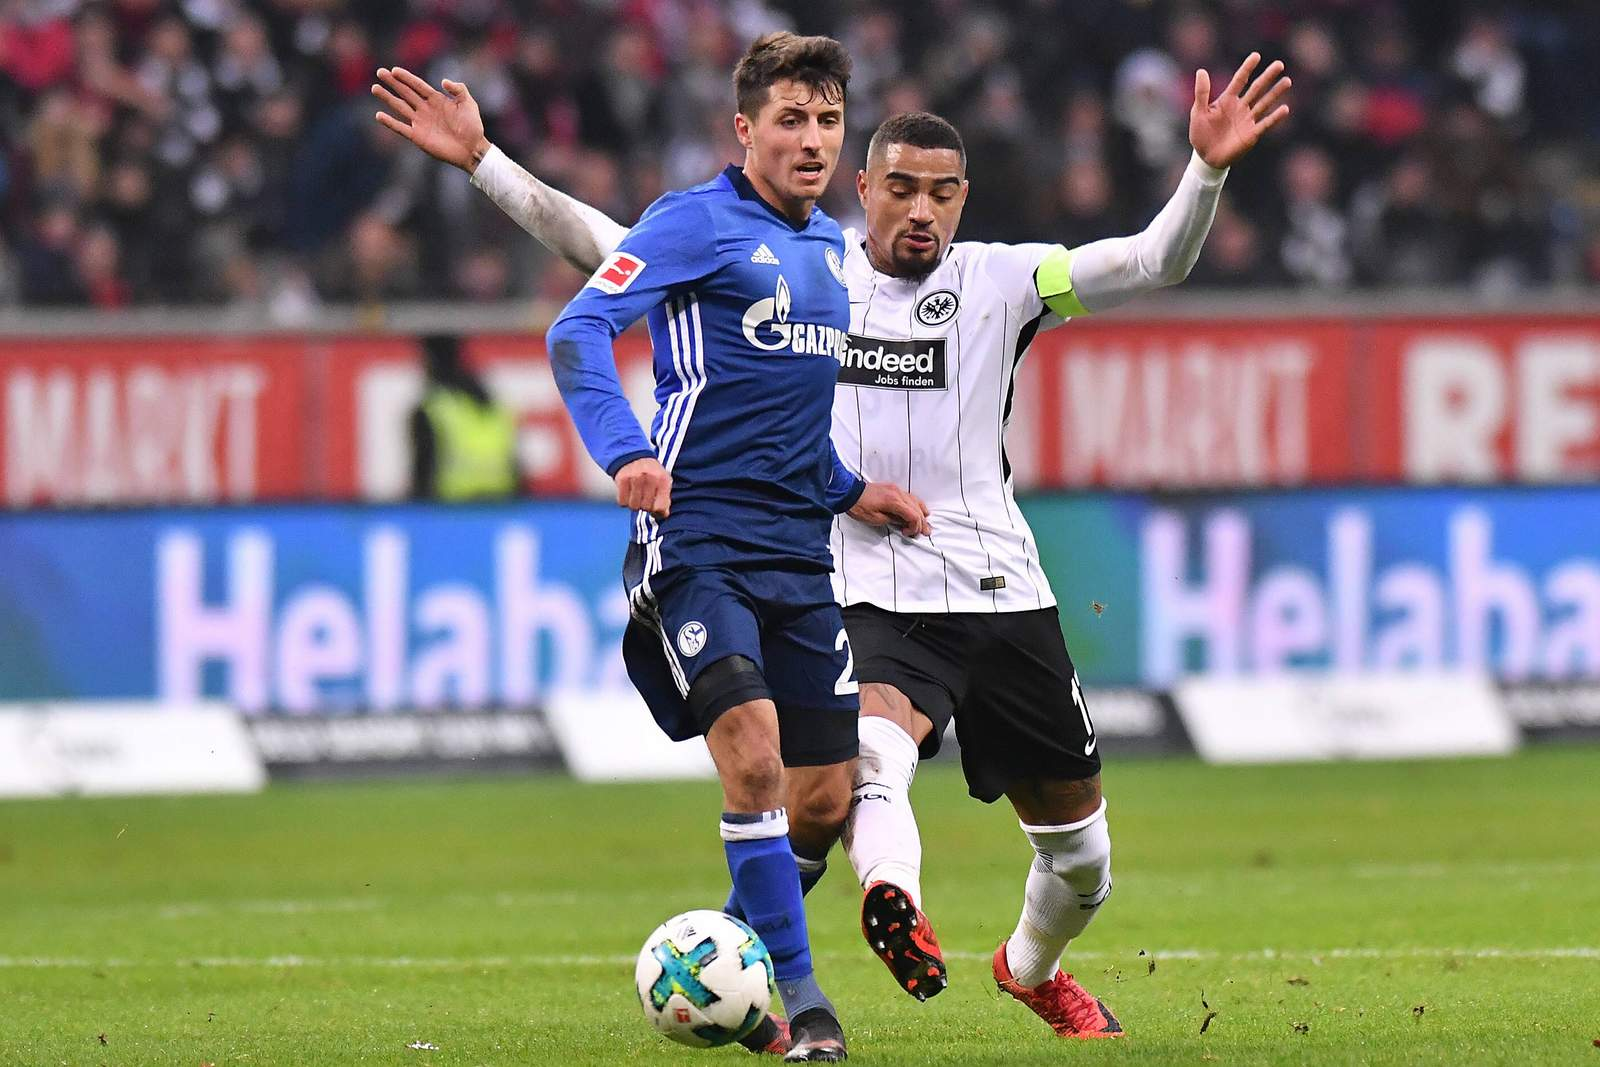 Setzt sich Schöpf gegen Boateng durch? Jetzt auf Schalke gegen Frankfurt wetten